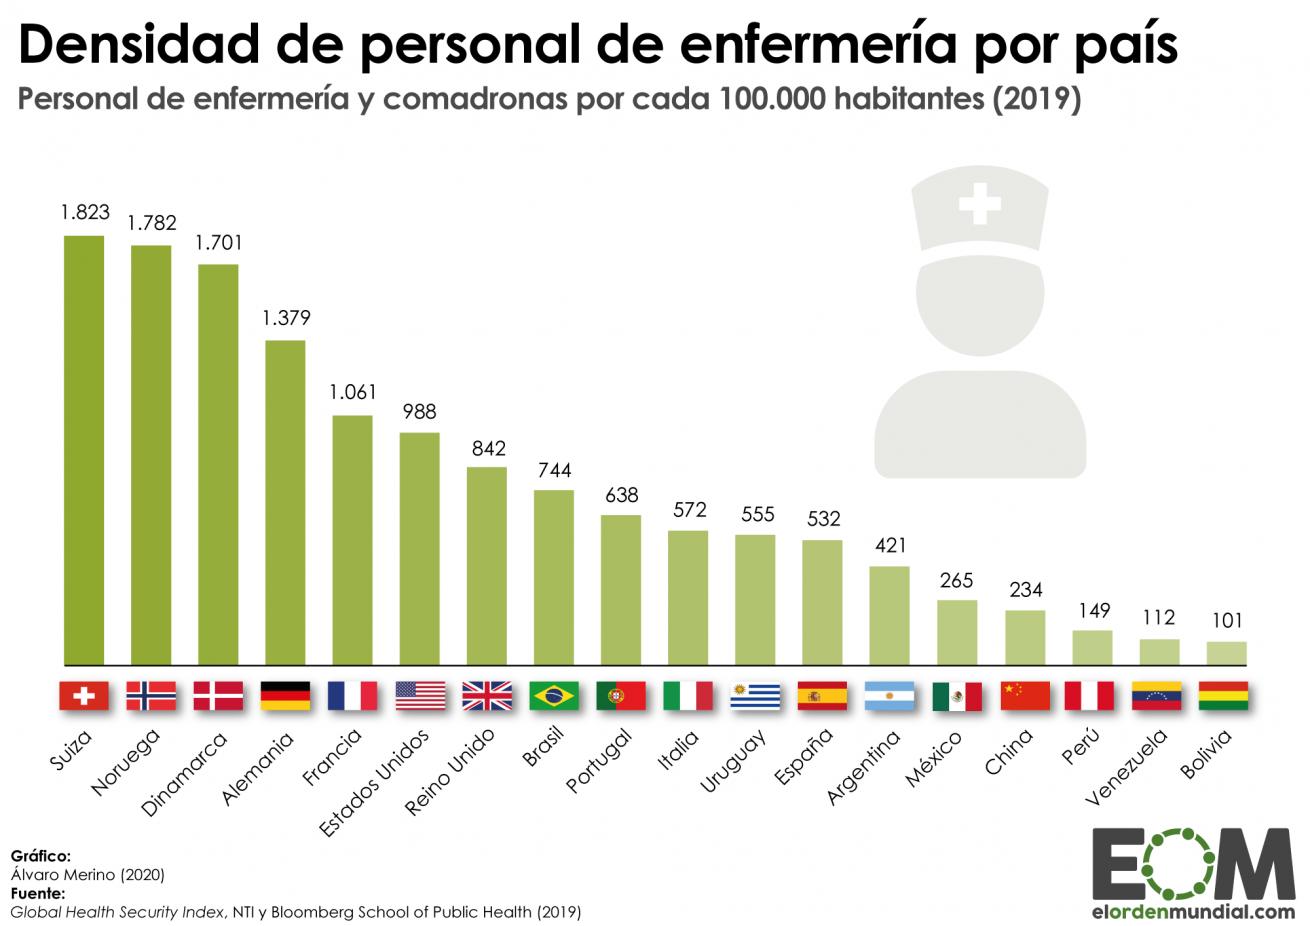 Mundo-Población-Política-Sanidad-Personal-de-enfermería-por-habitante-1310x926